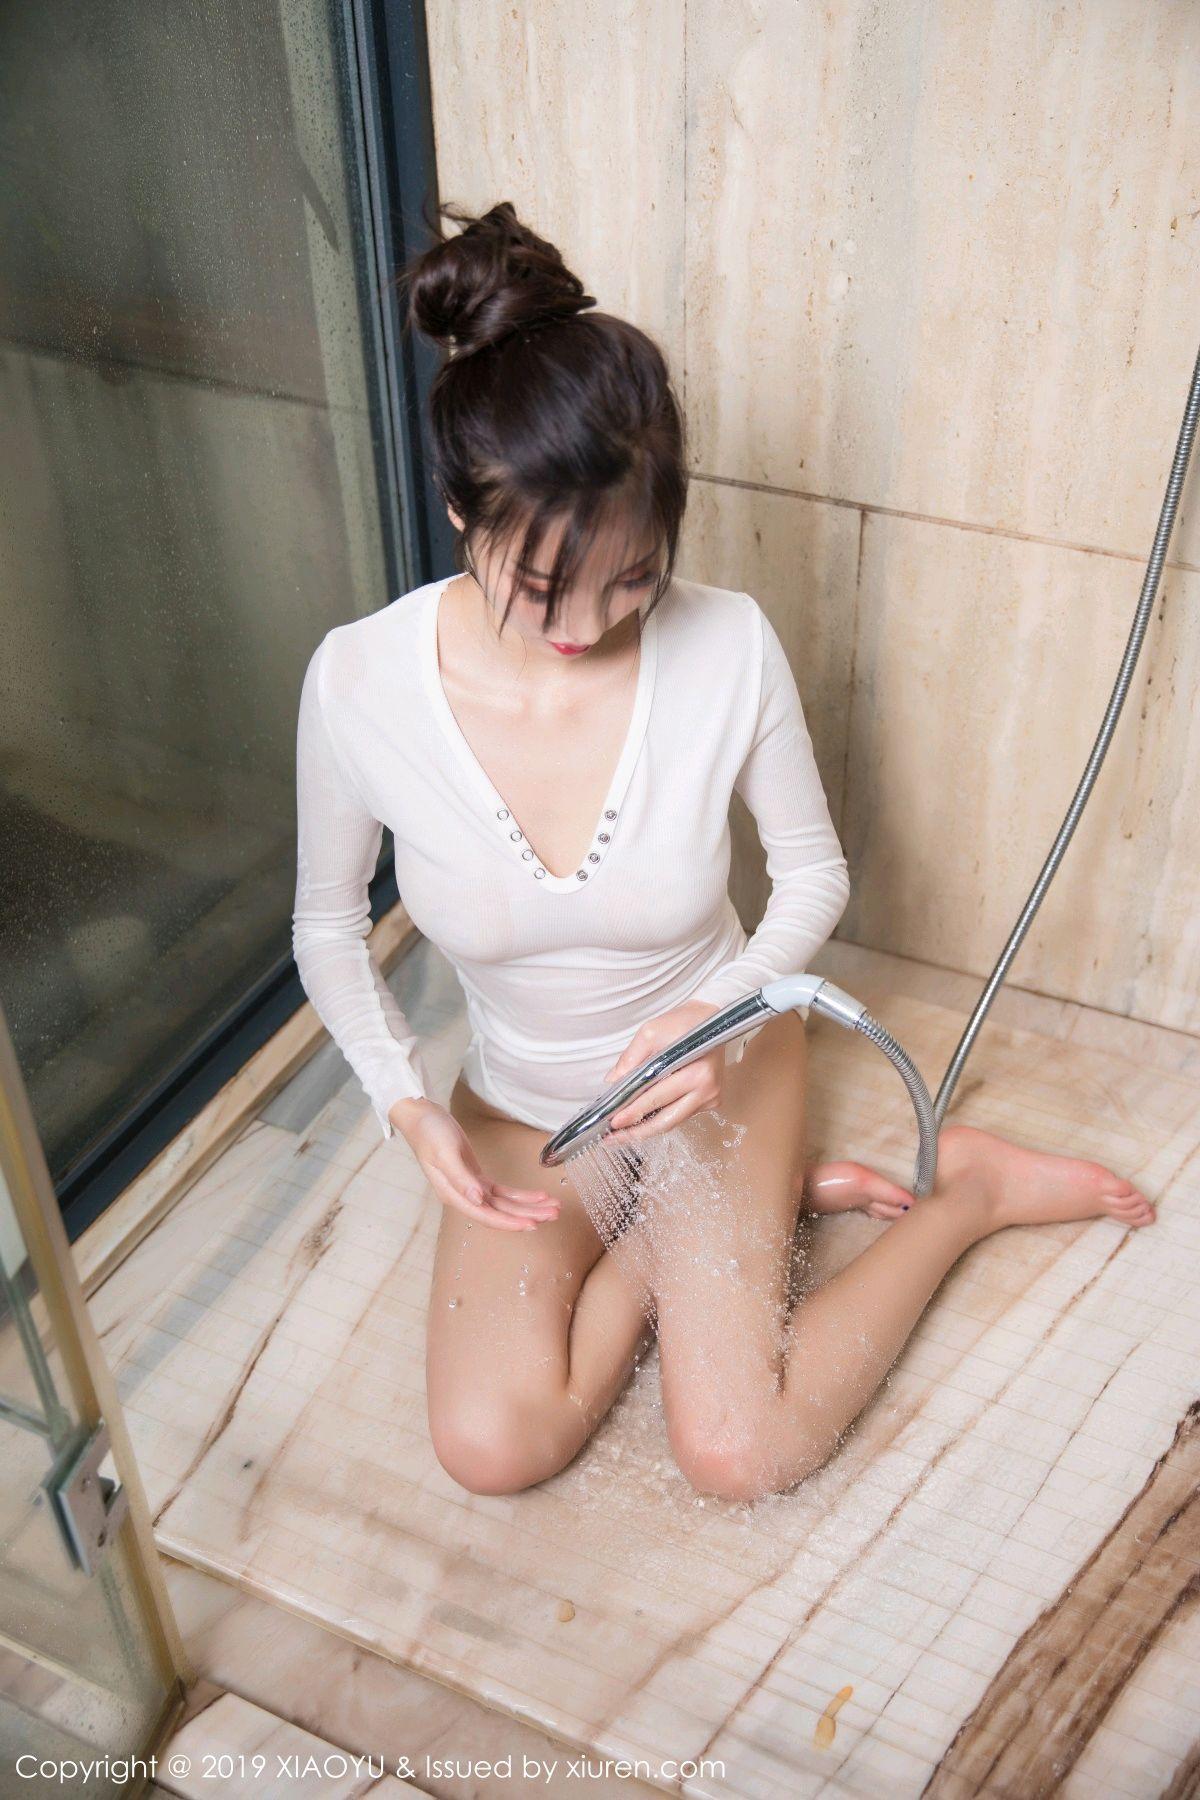 [XiaoYu] Vol.025 Yang Chen Chen 30P, Bathroom, Wet, XiaoYu, Yang Chen Chen